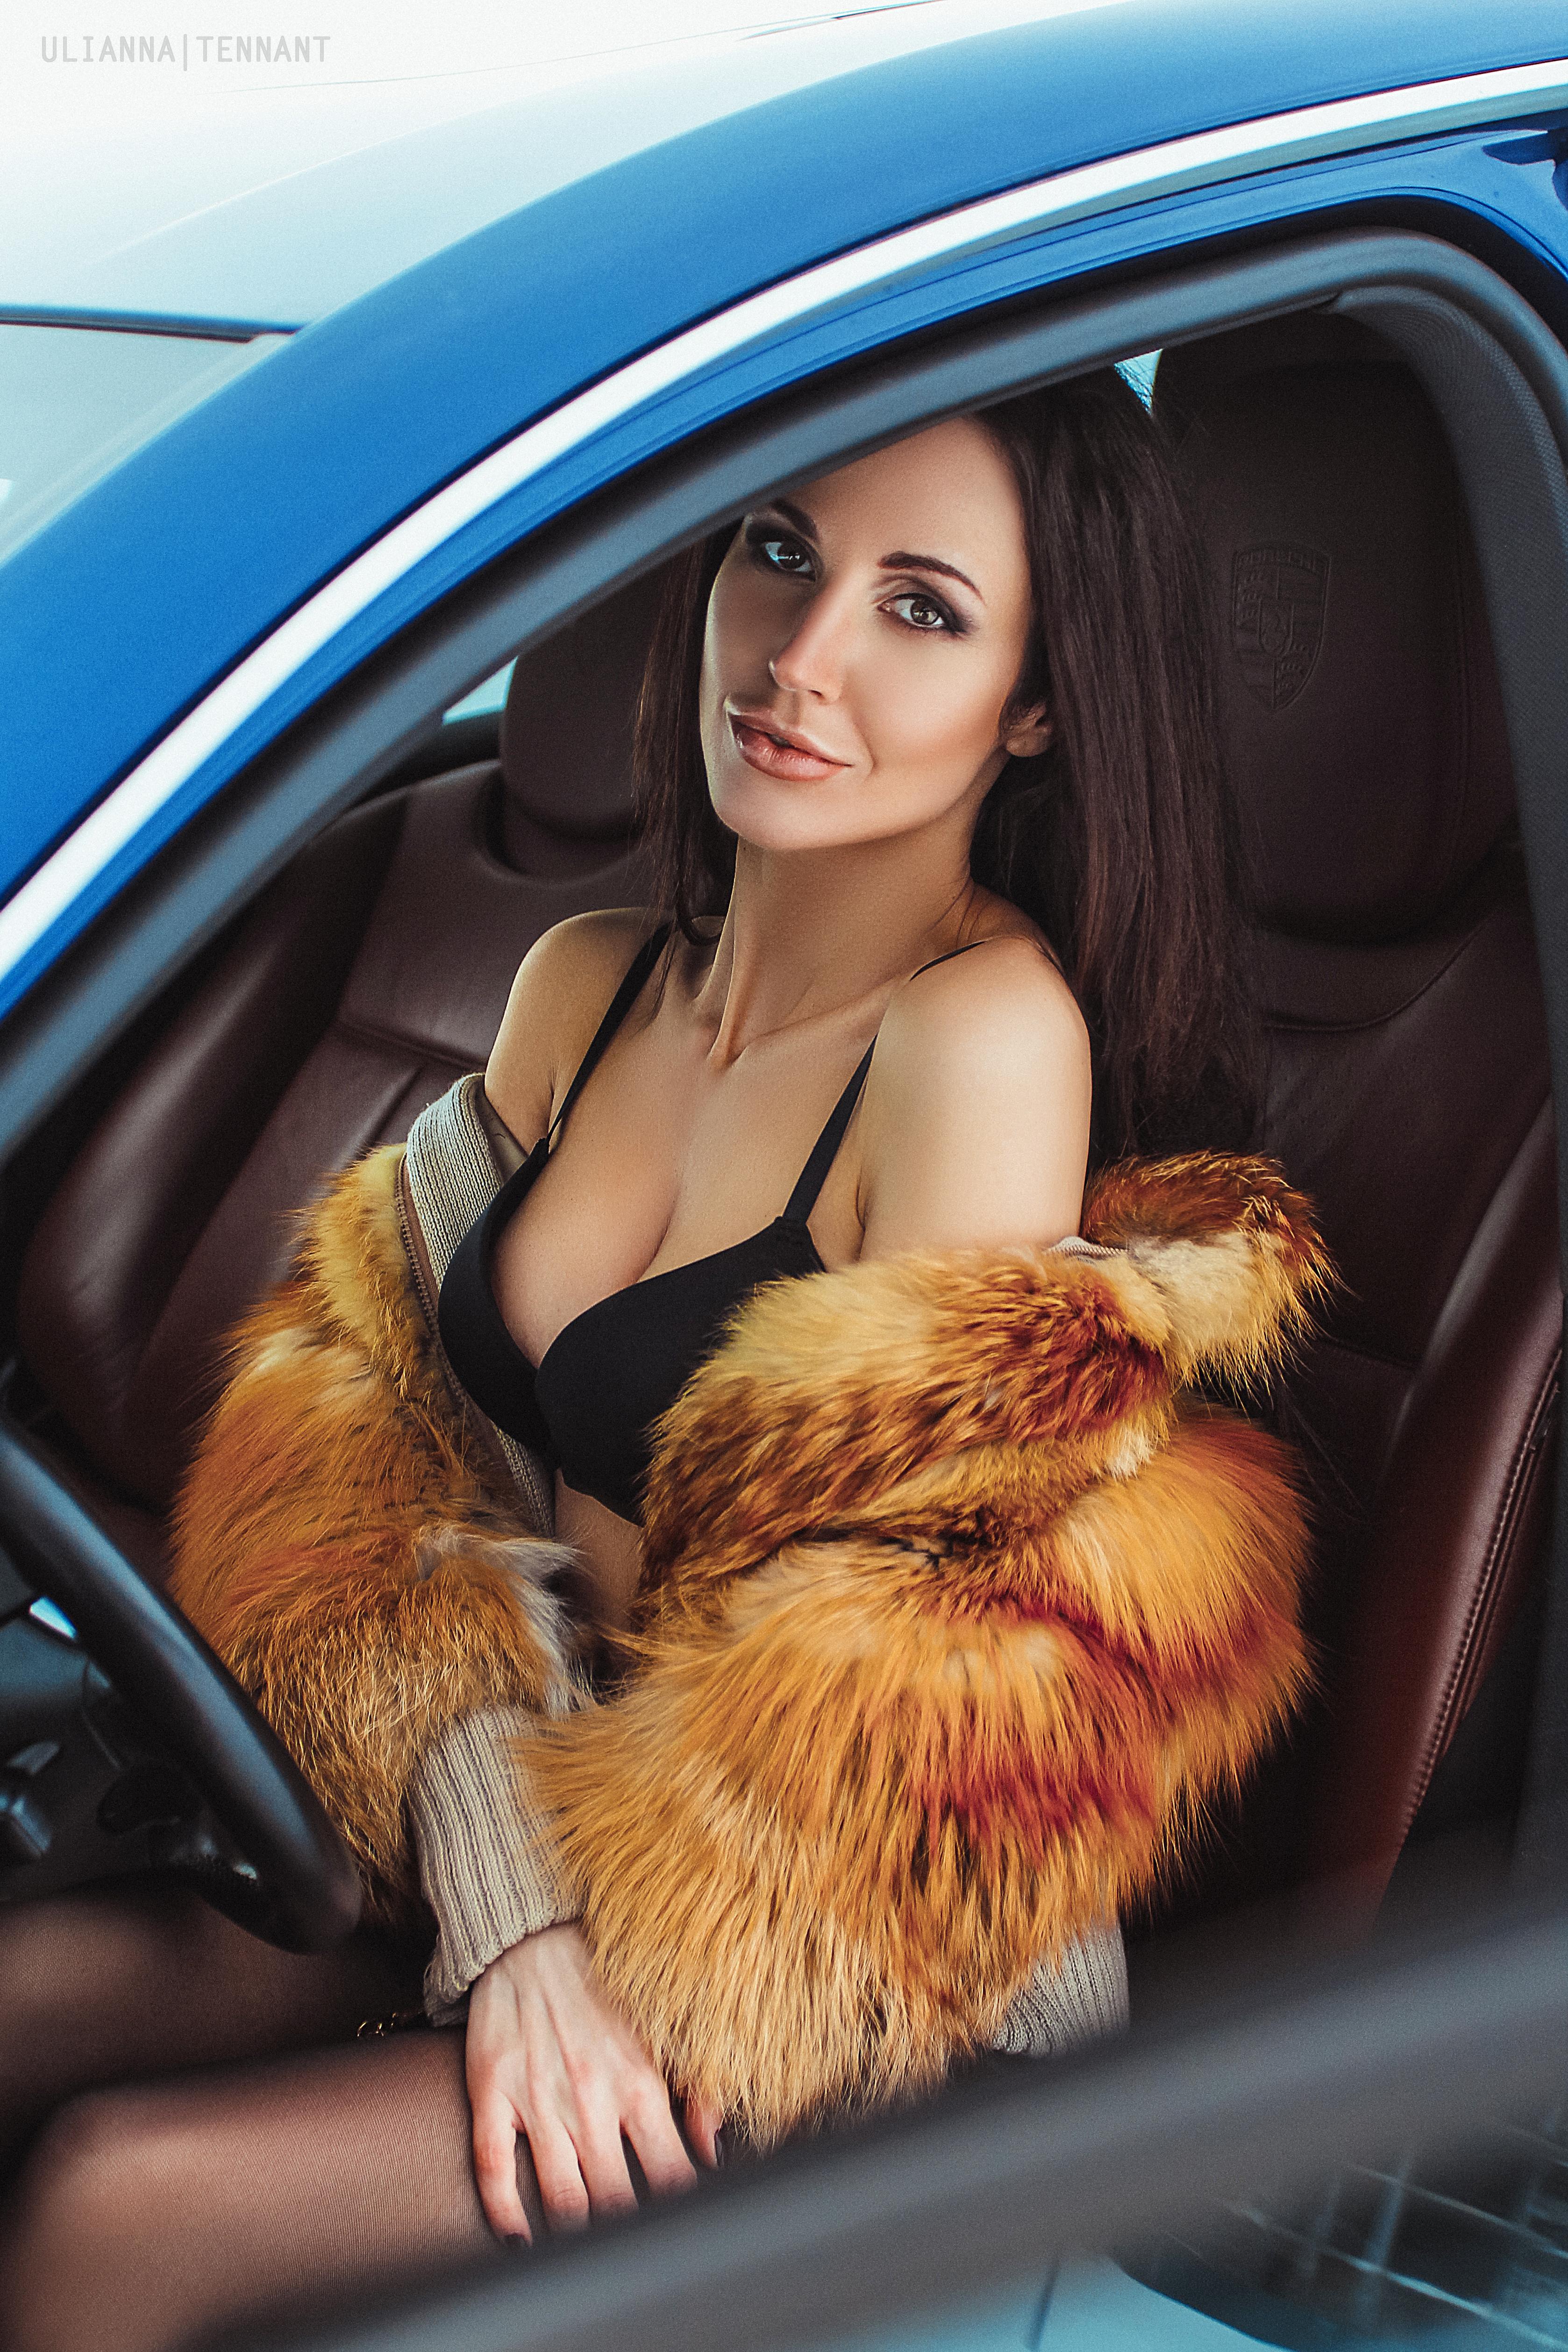 Красивая девушка в машине